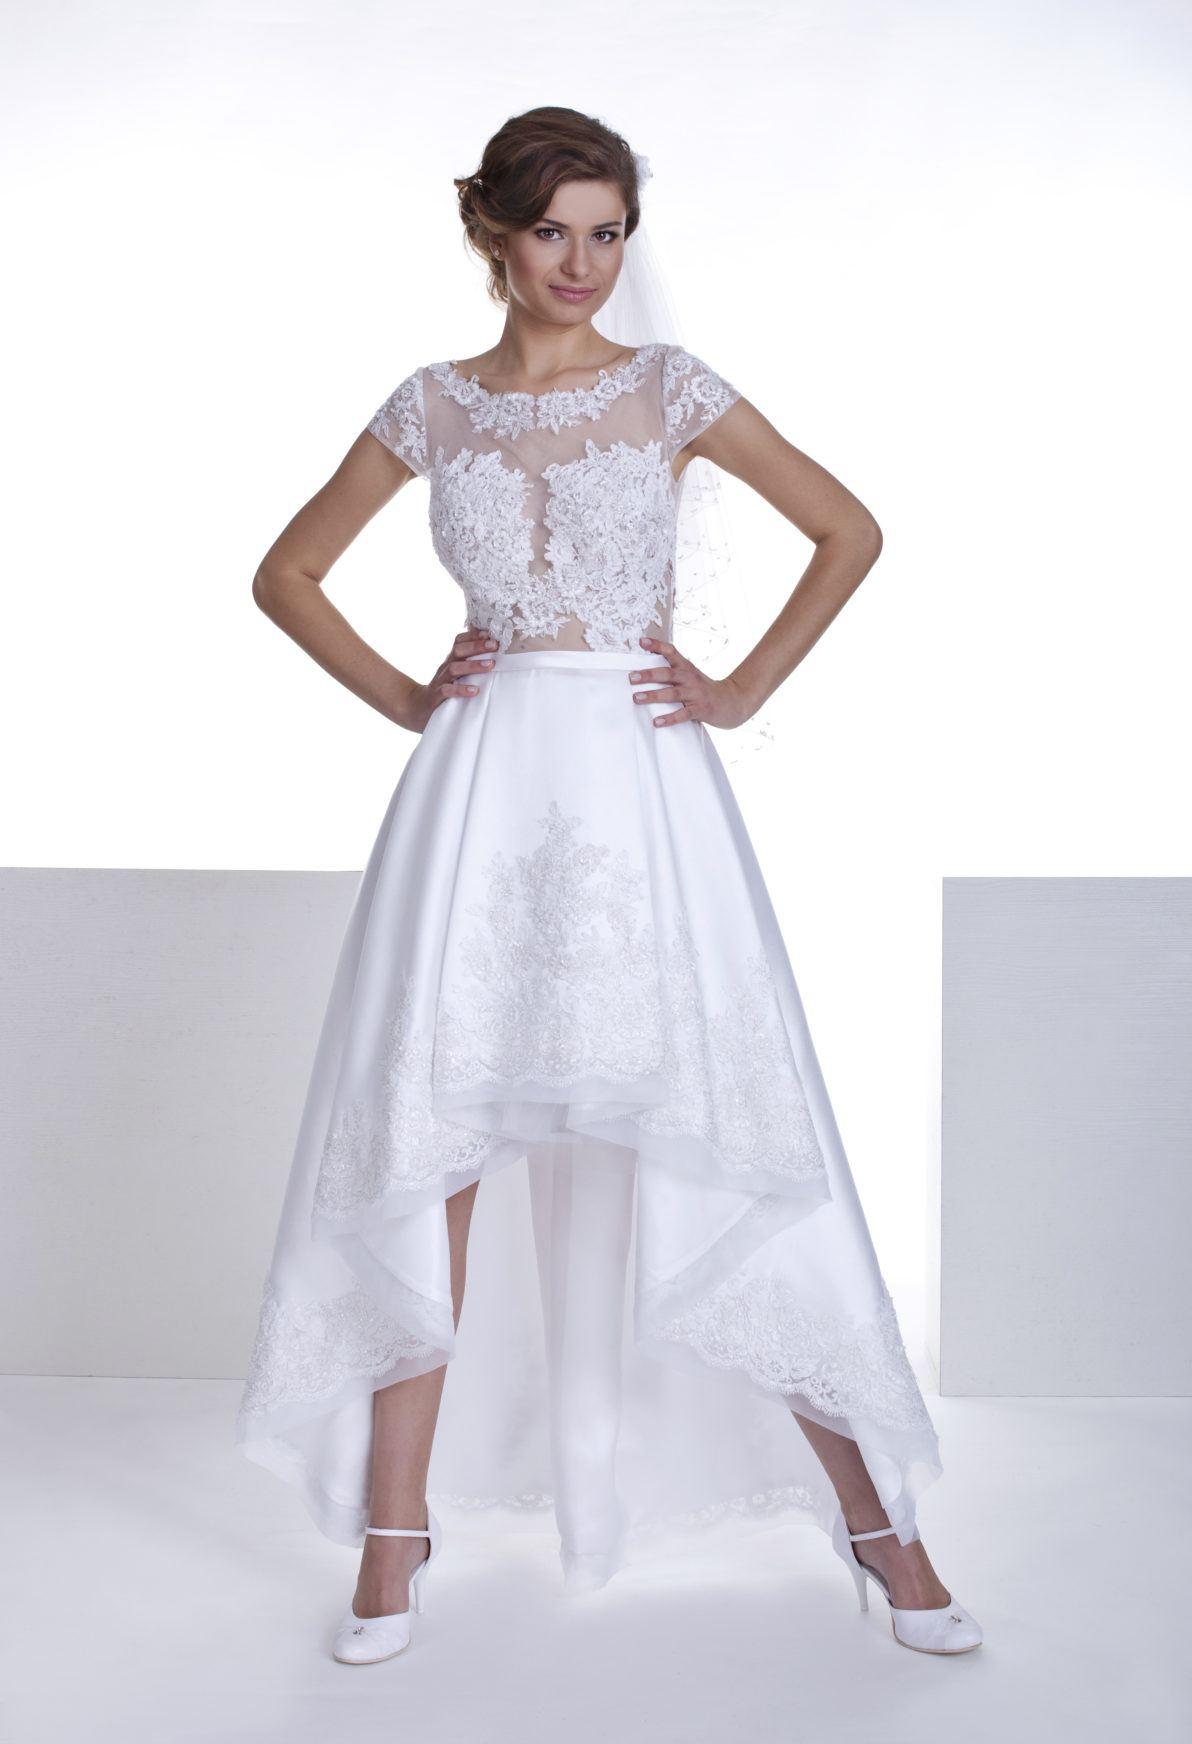 suknia z koronki i atłasu